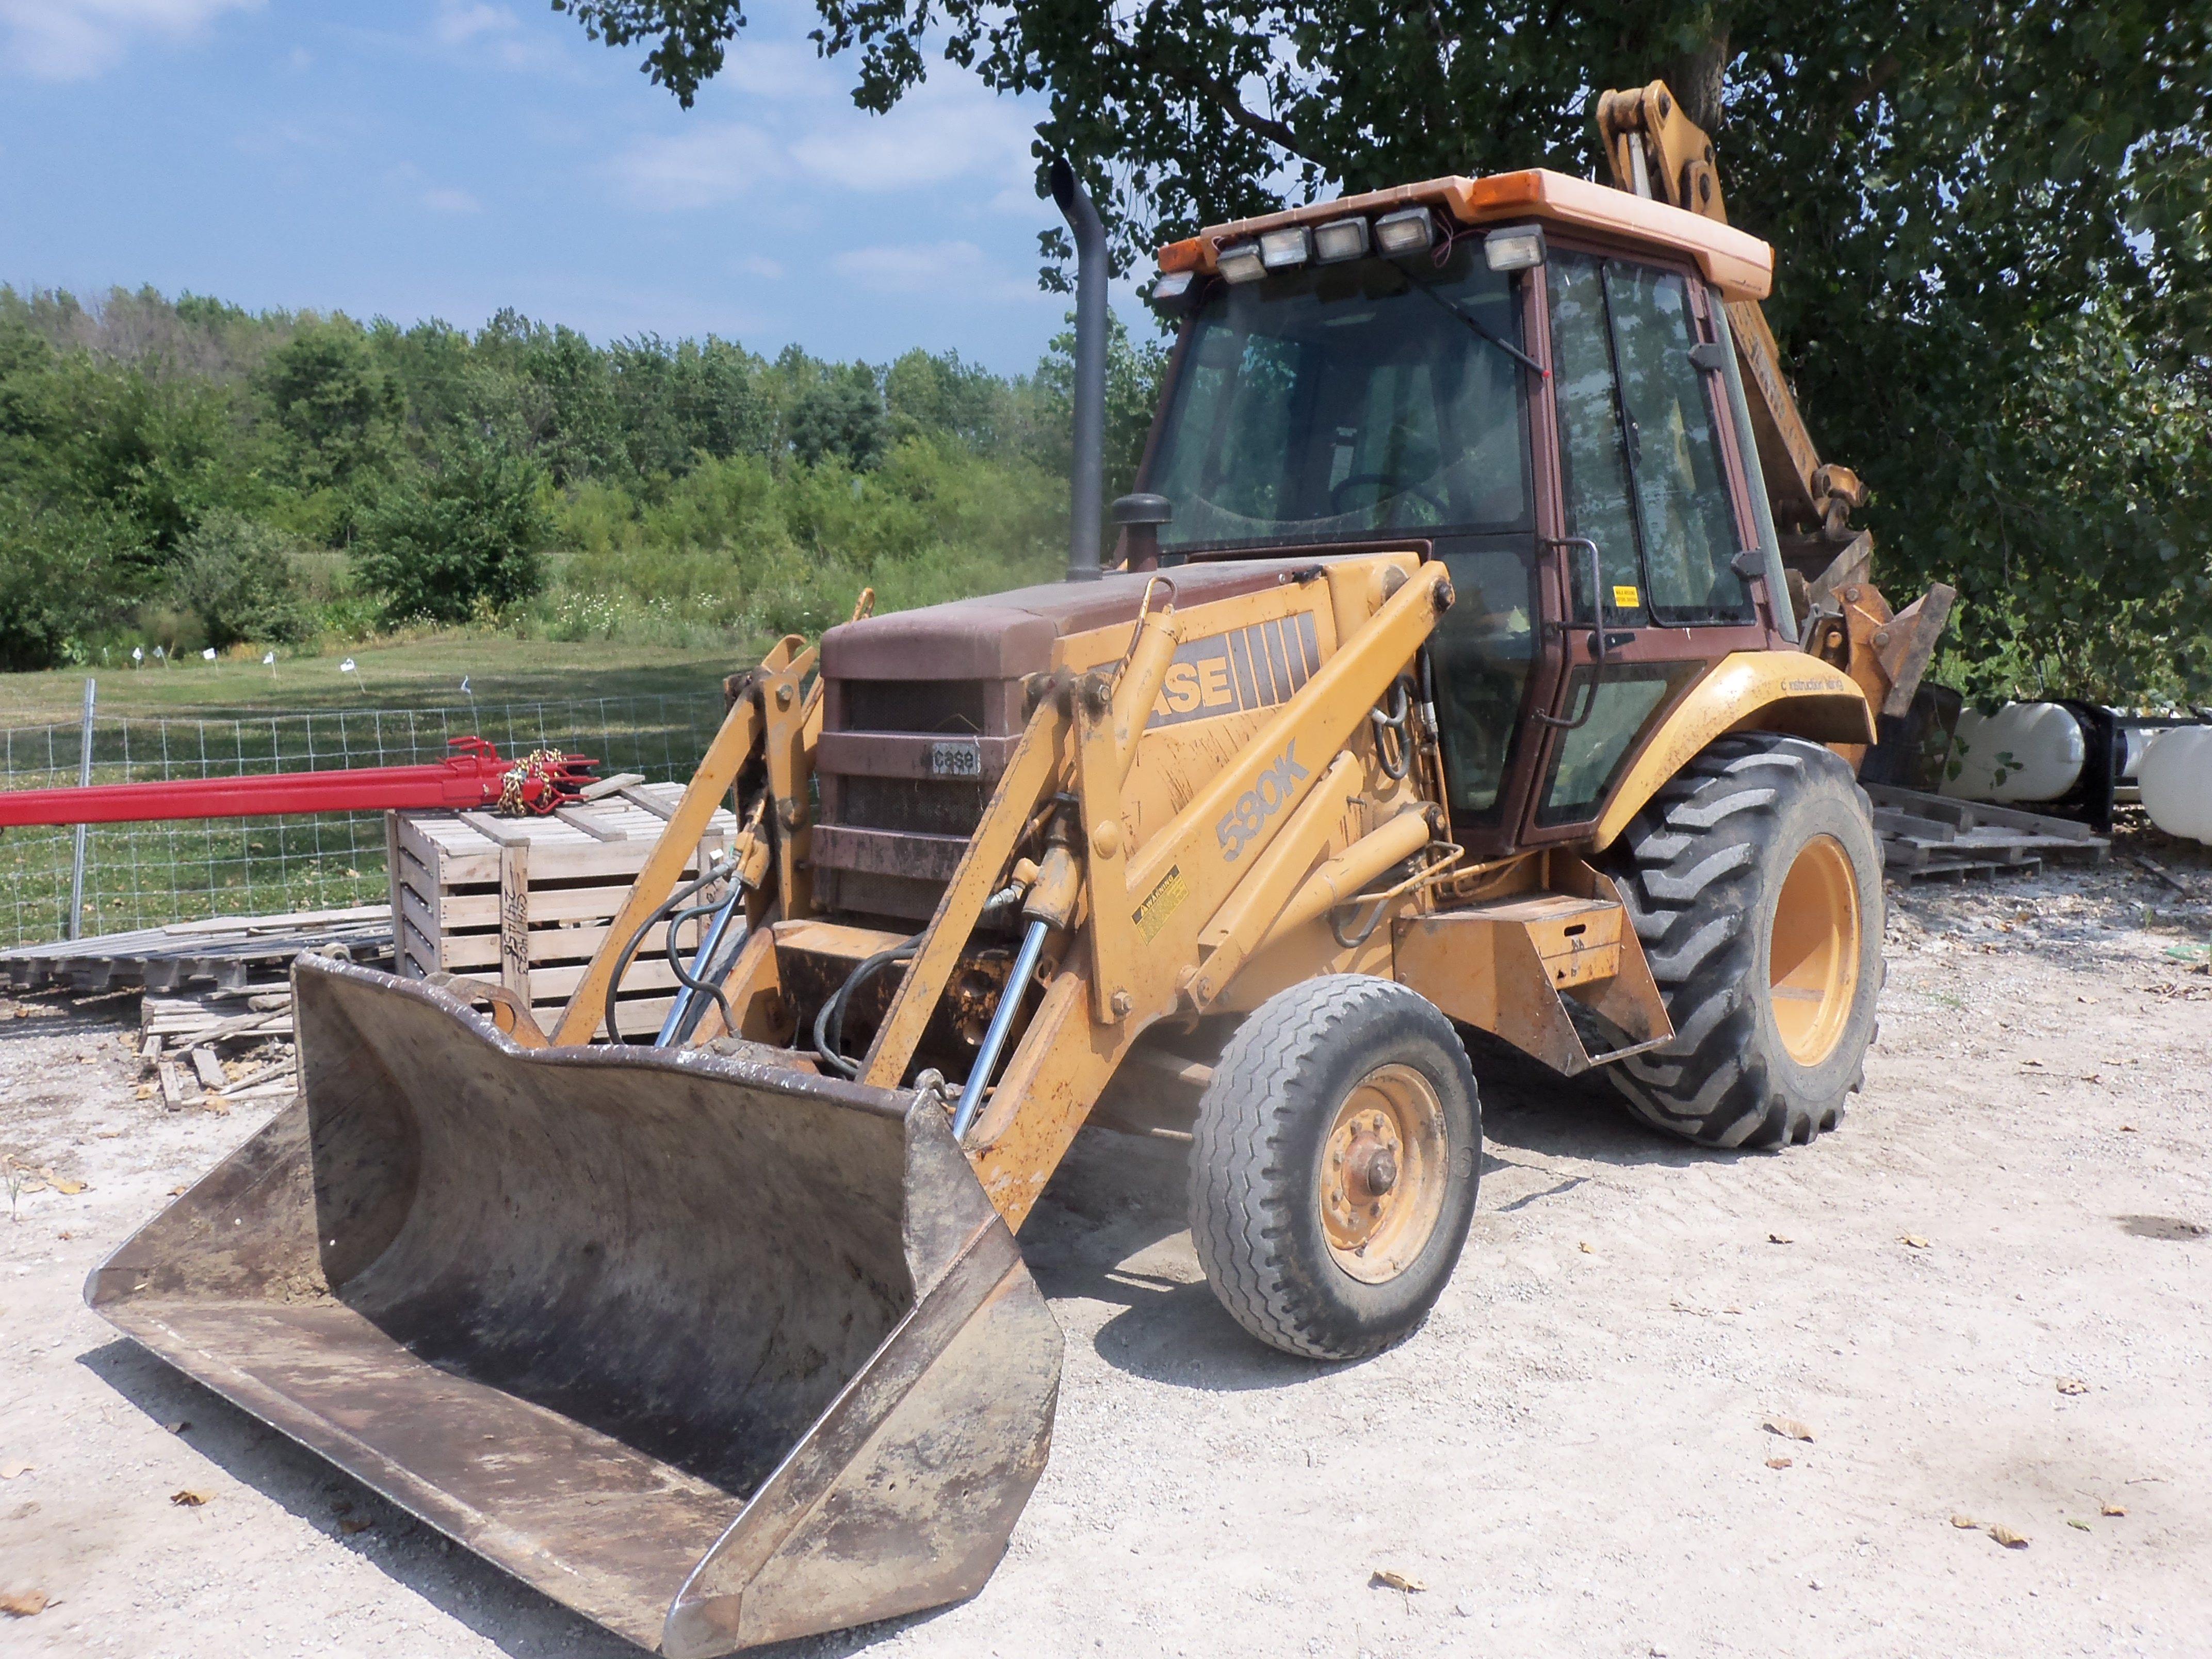 Case 580k Tractor Loader Backhoe